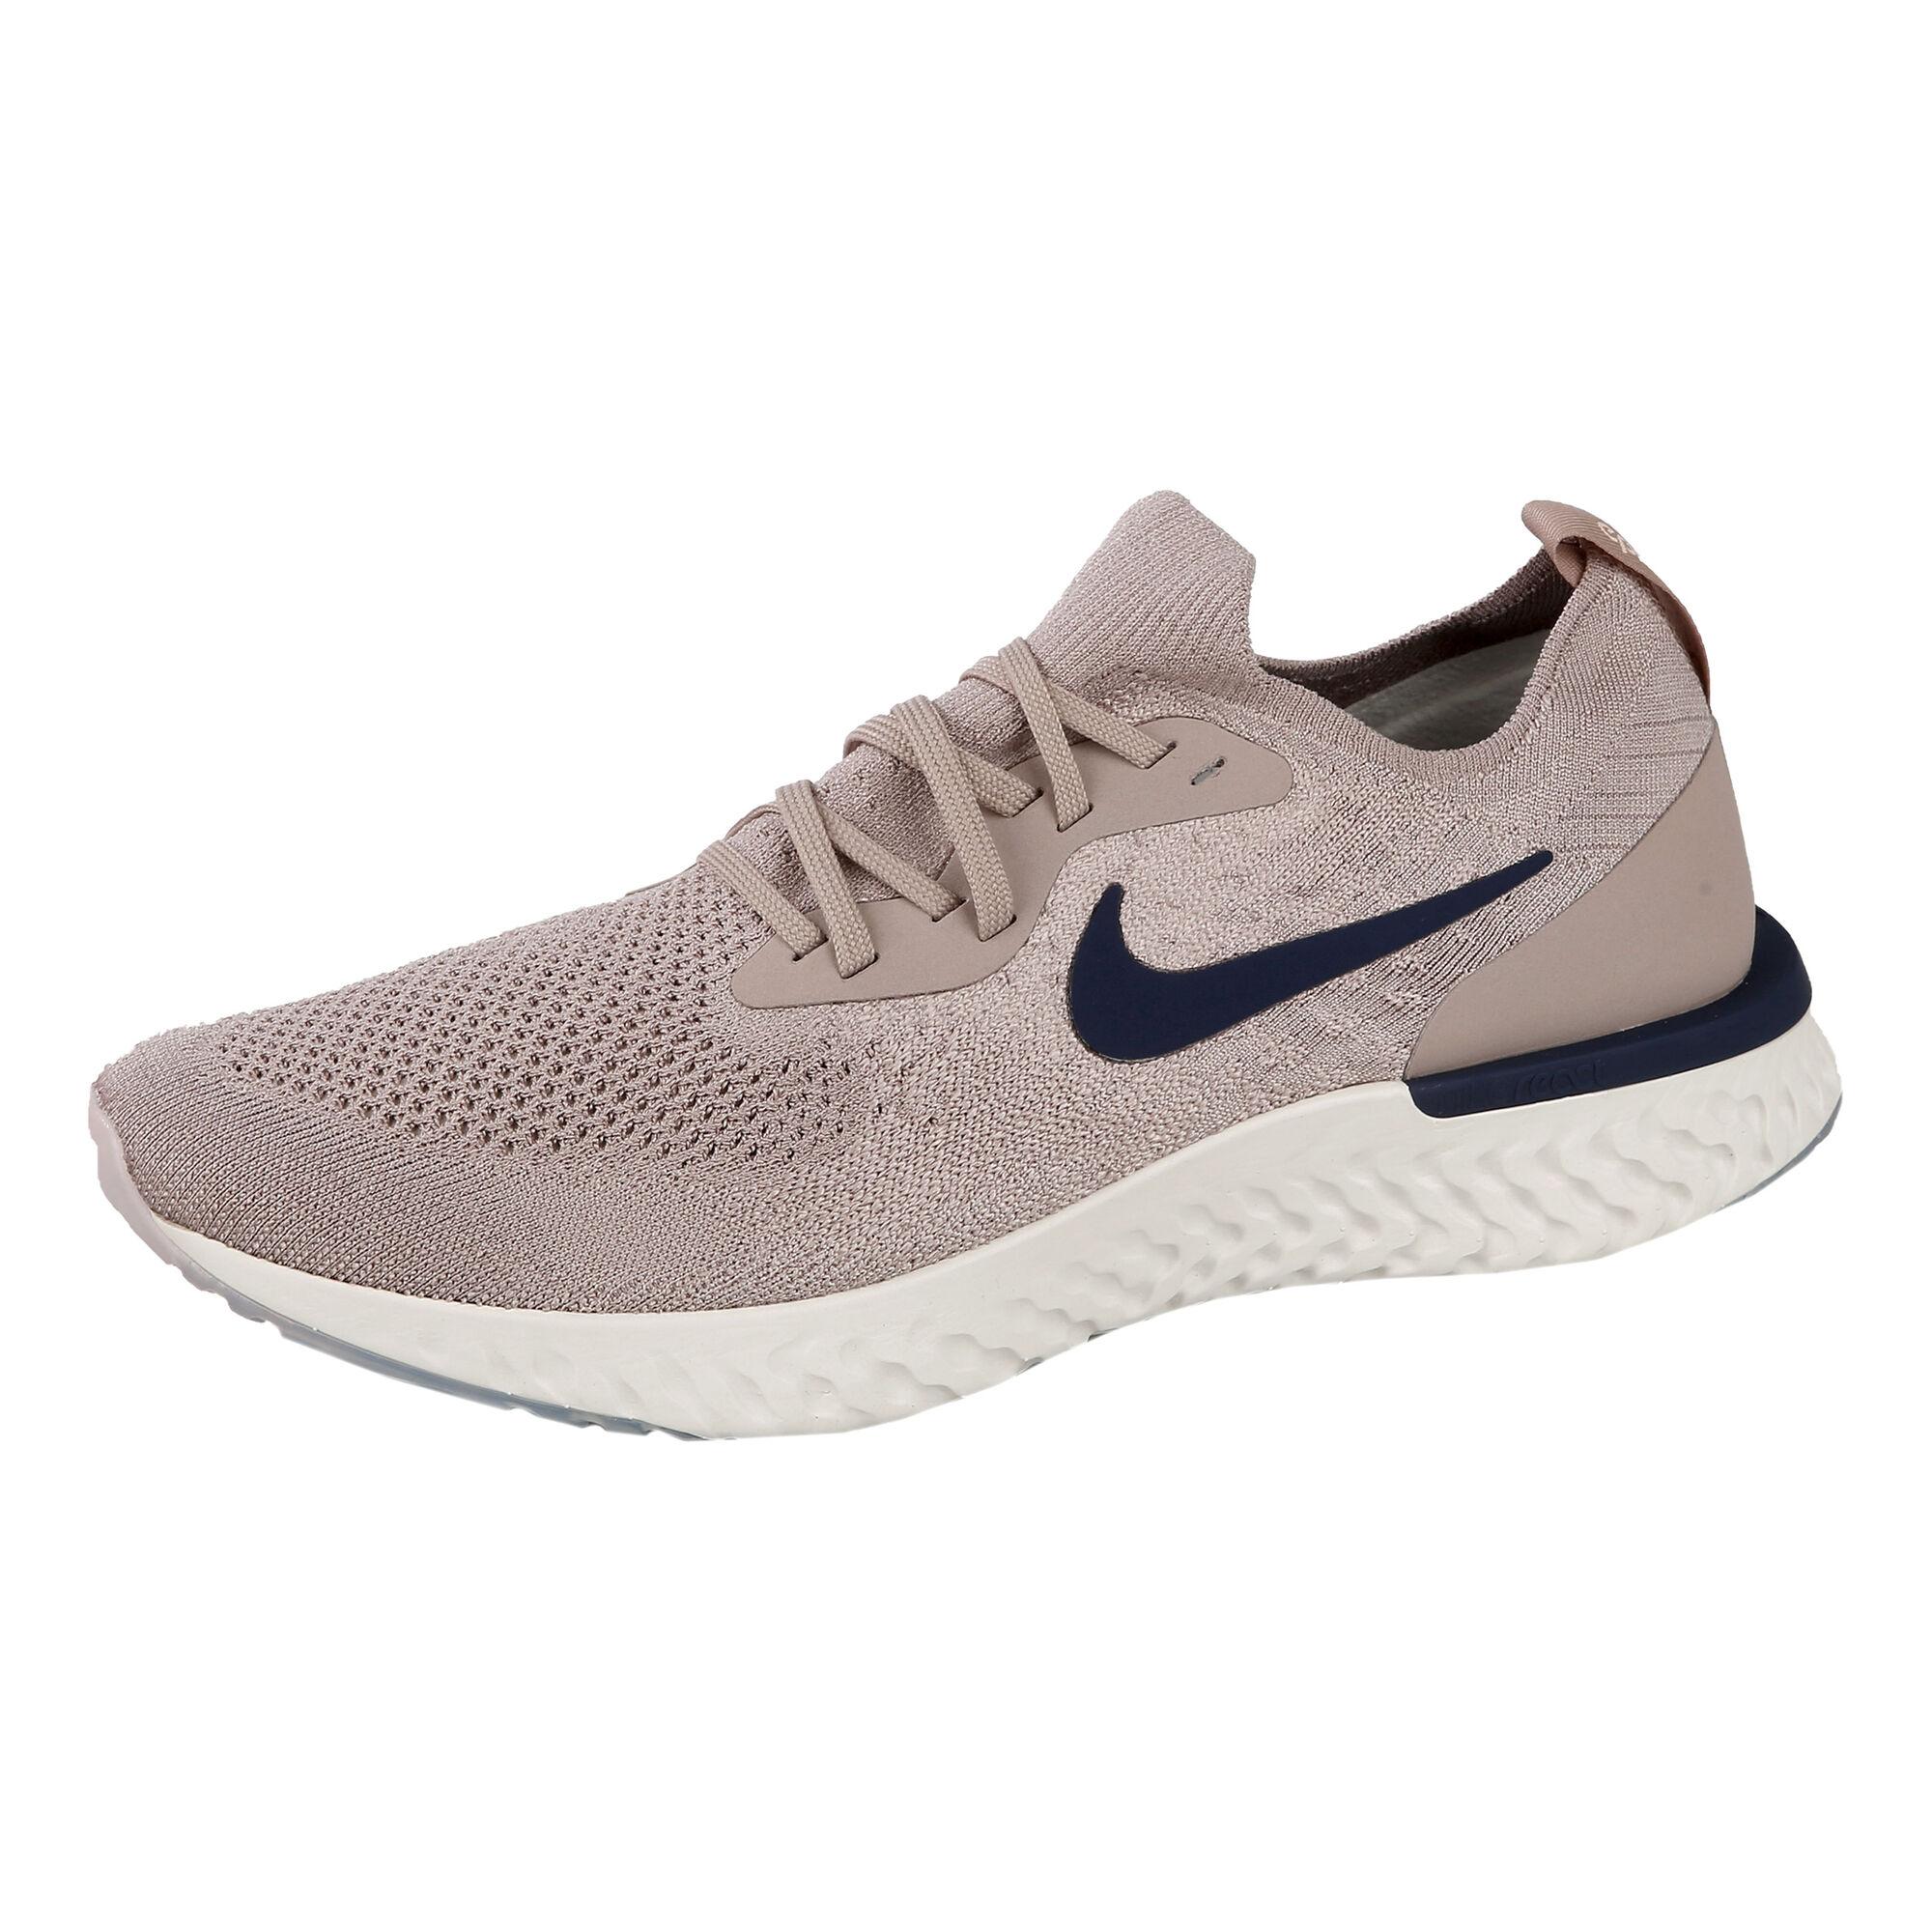 acb592799223 Nike  Nike  Nike  Nike  Nike  Nike  Nike  Nike. Epic React Flyknit Men ...